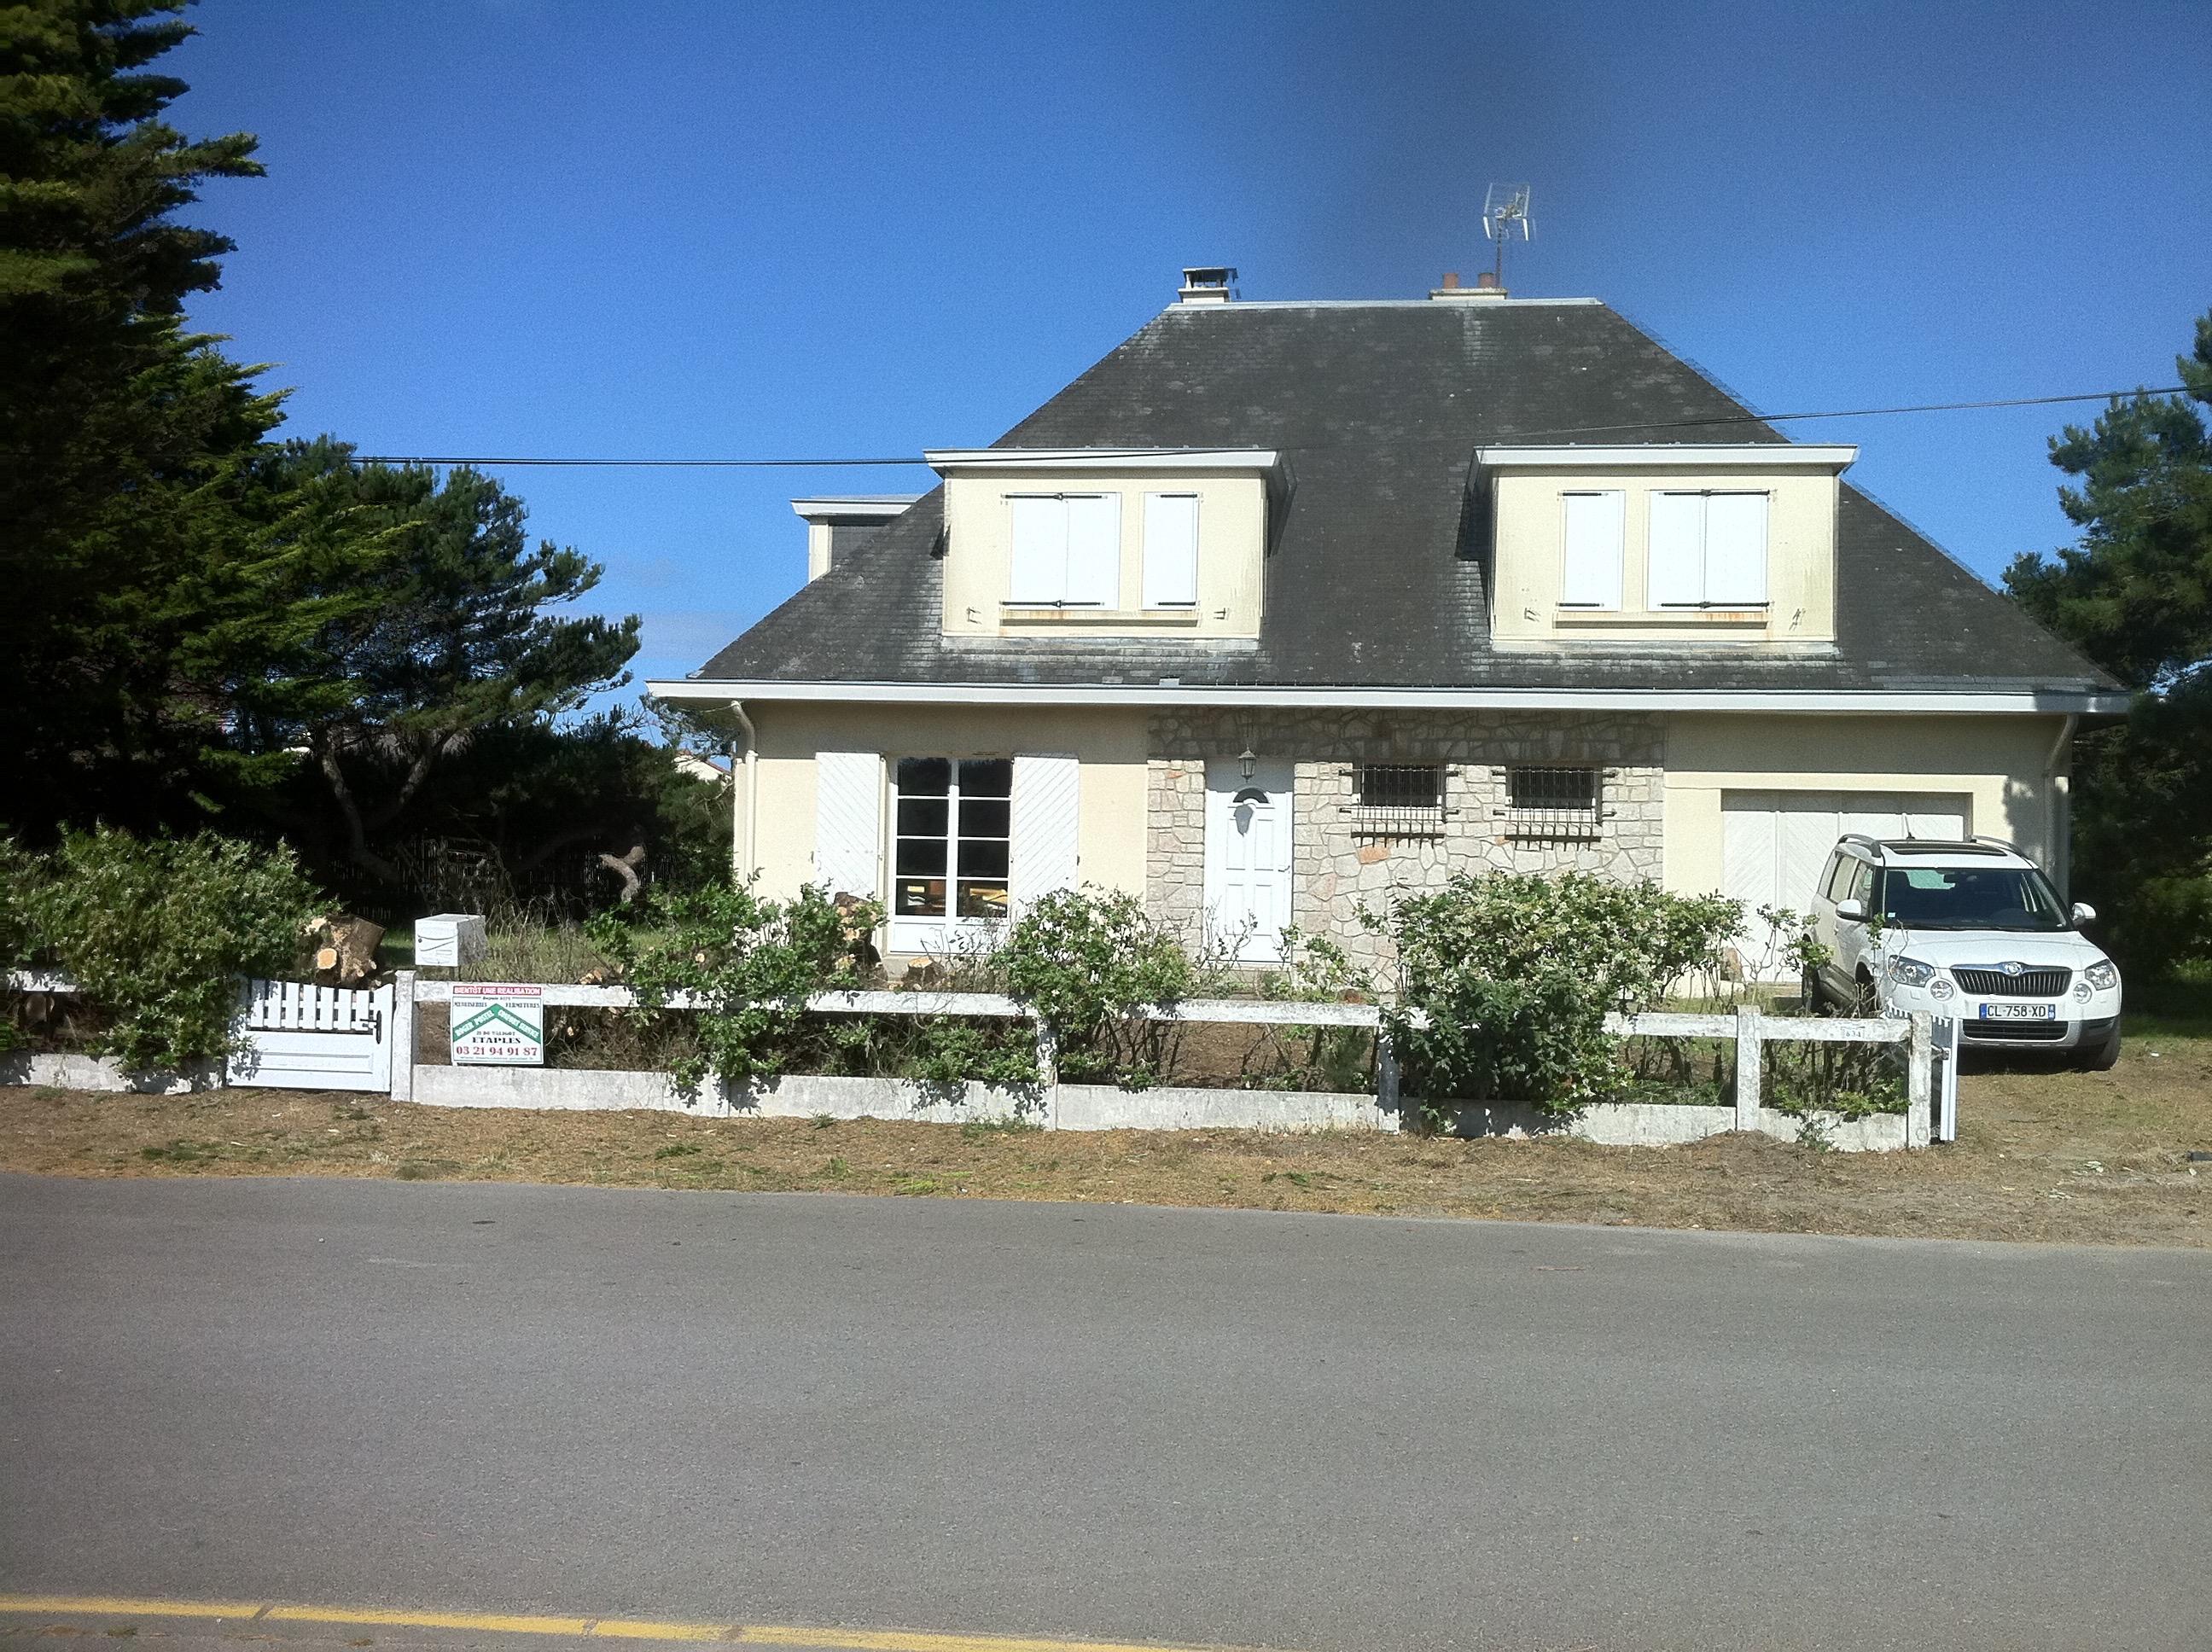 Villa-Yeure - Plage Sante Cecile - Cote d'Opale